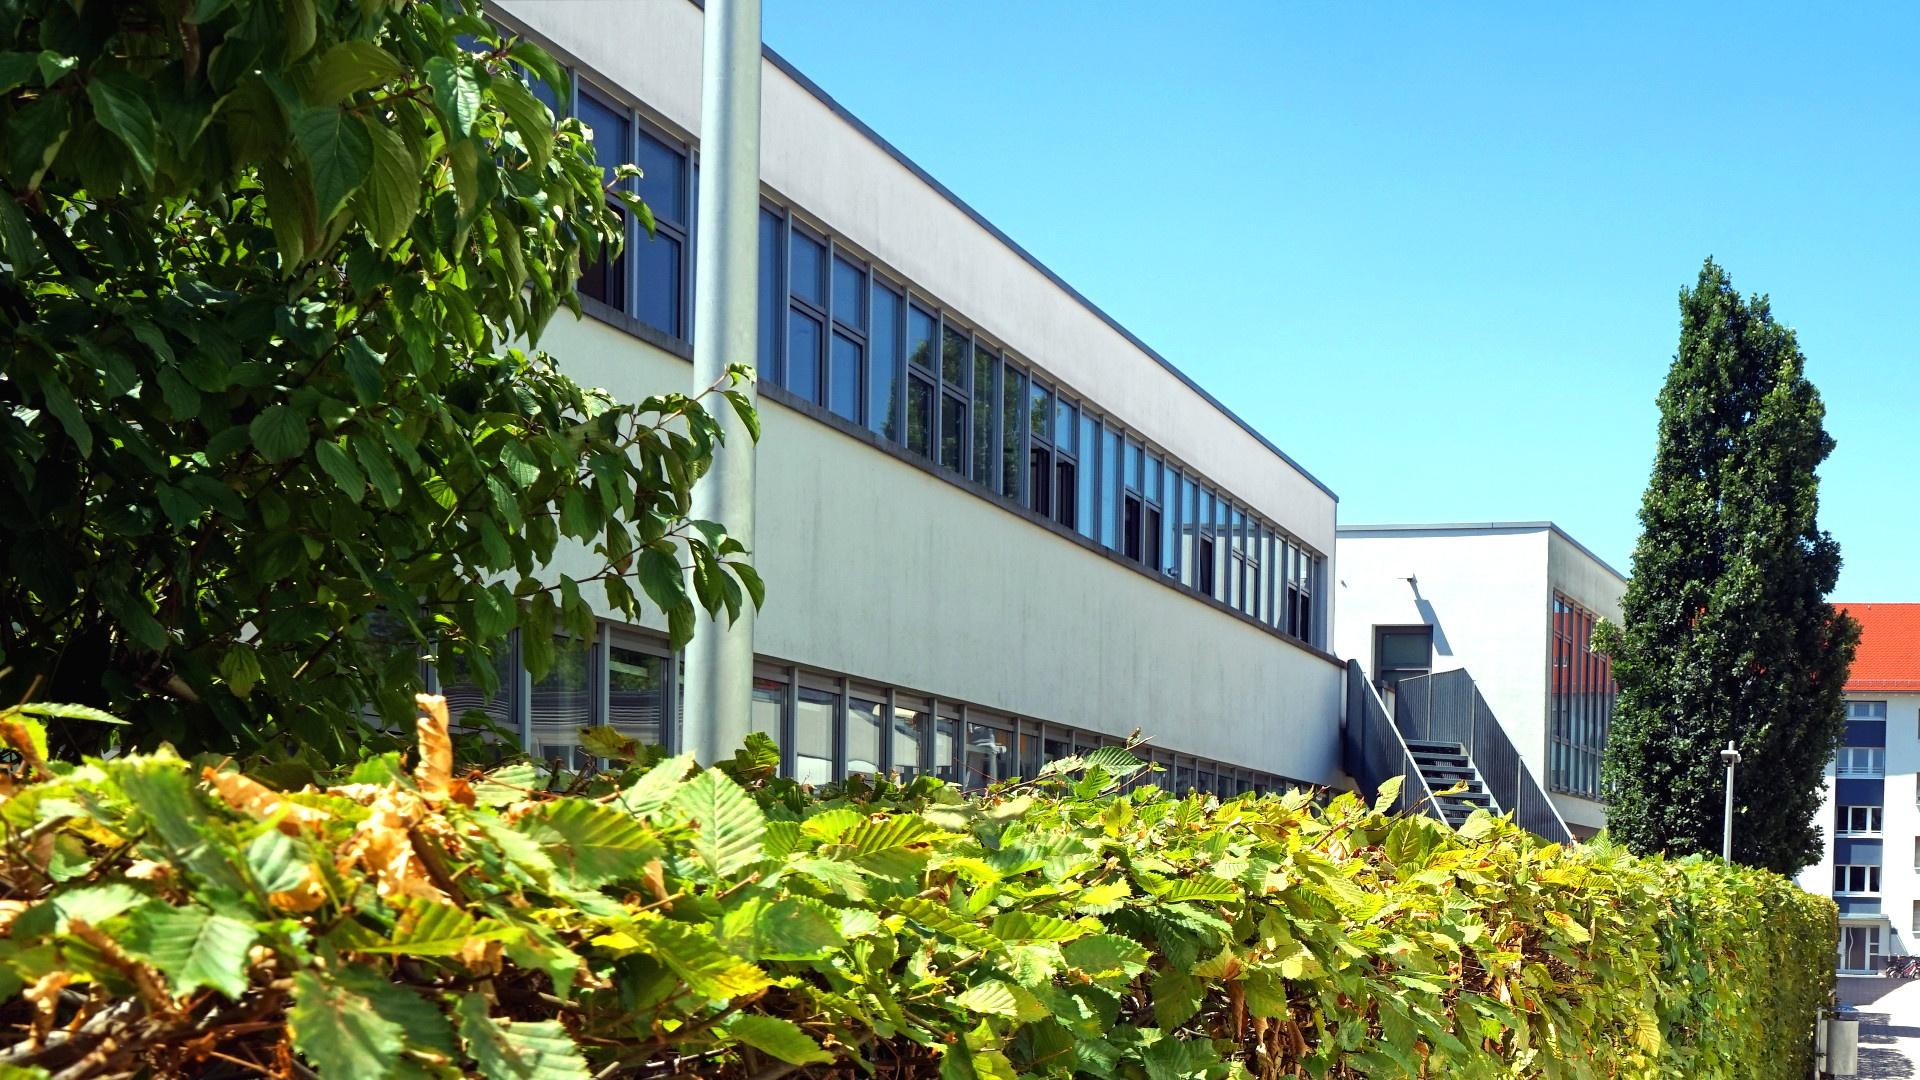 Drais-Gemeinschaftsschule